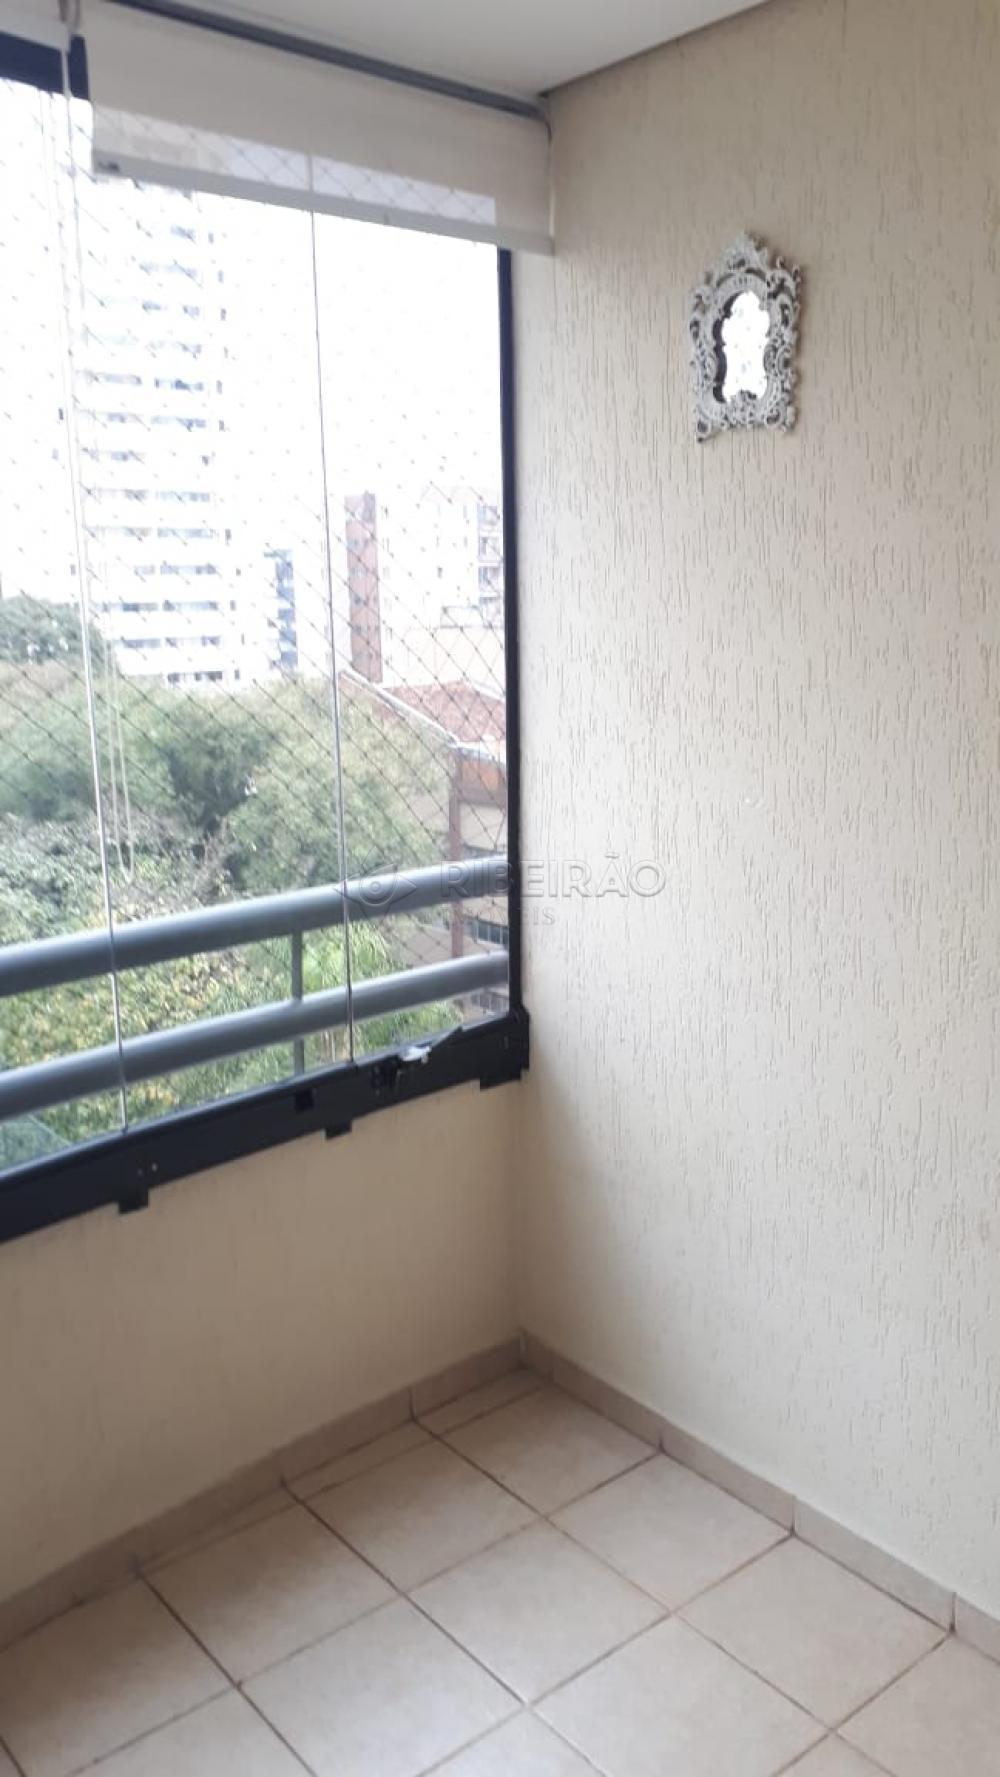 Comprar Apartamento / Padrão em São Paulo R$ 720.000,00 - Foto 5